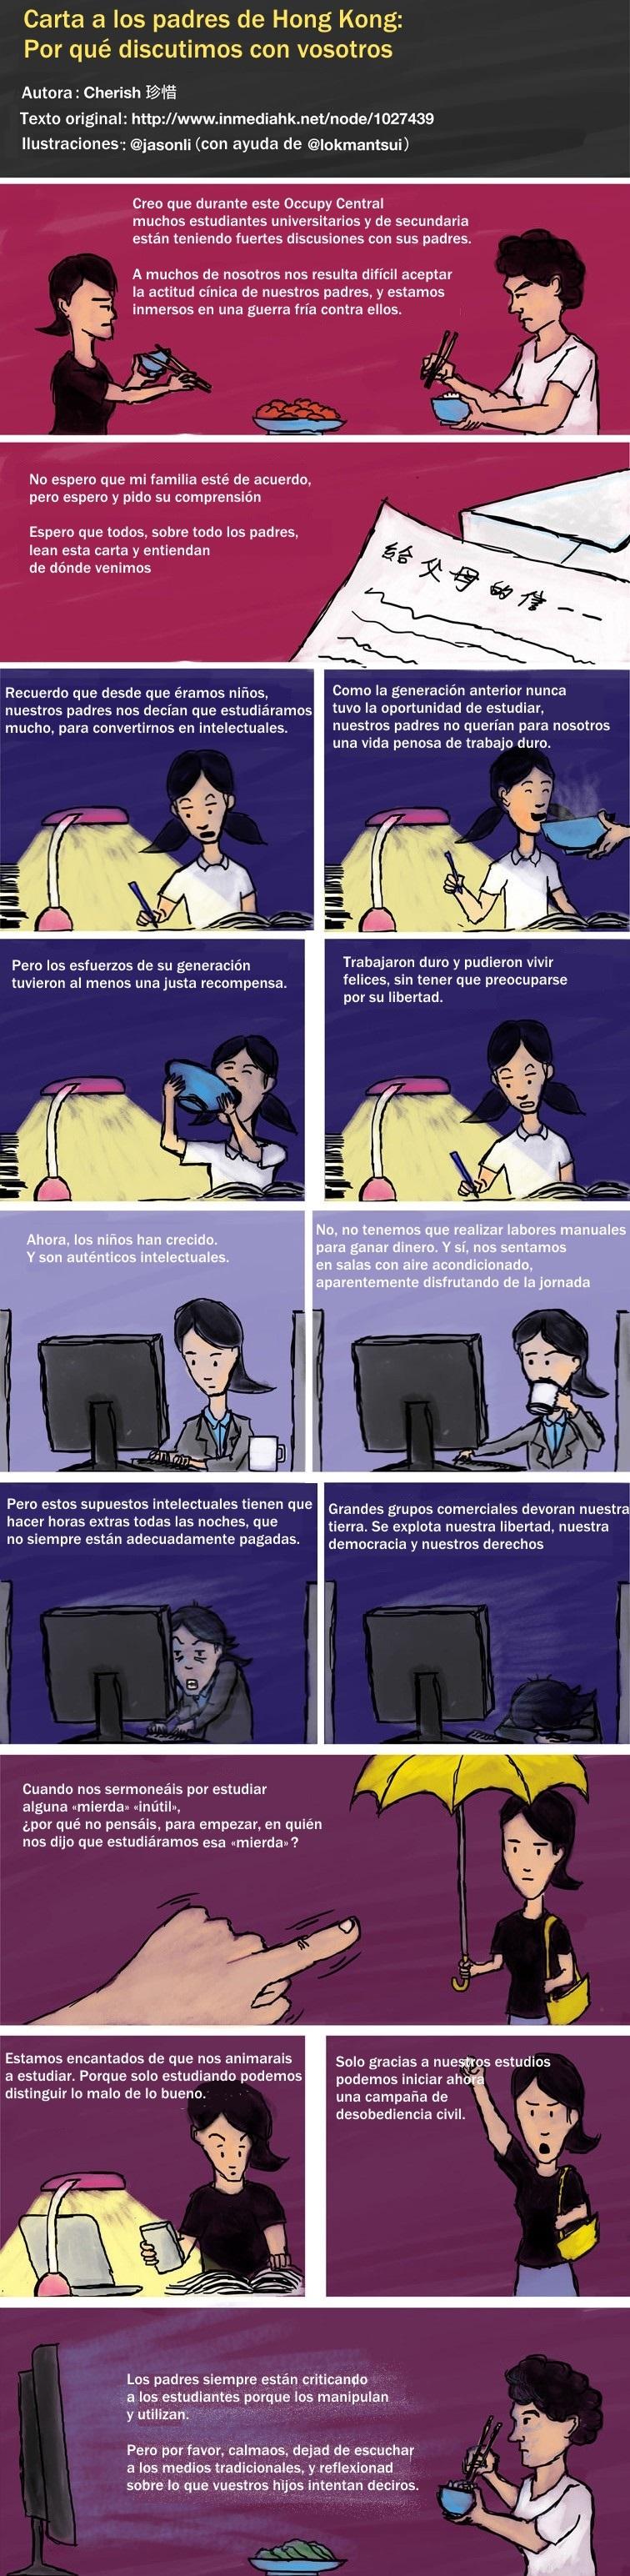 Lea la versión original en chino de este cómic